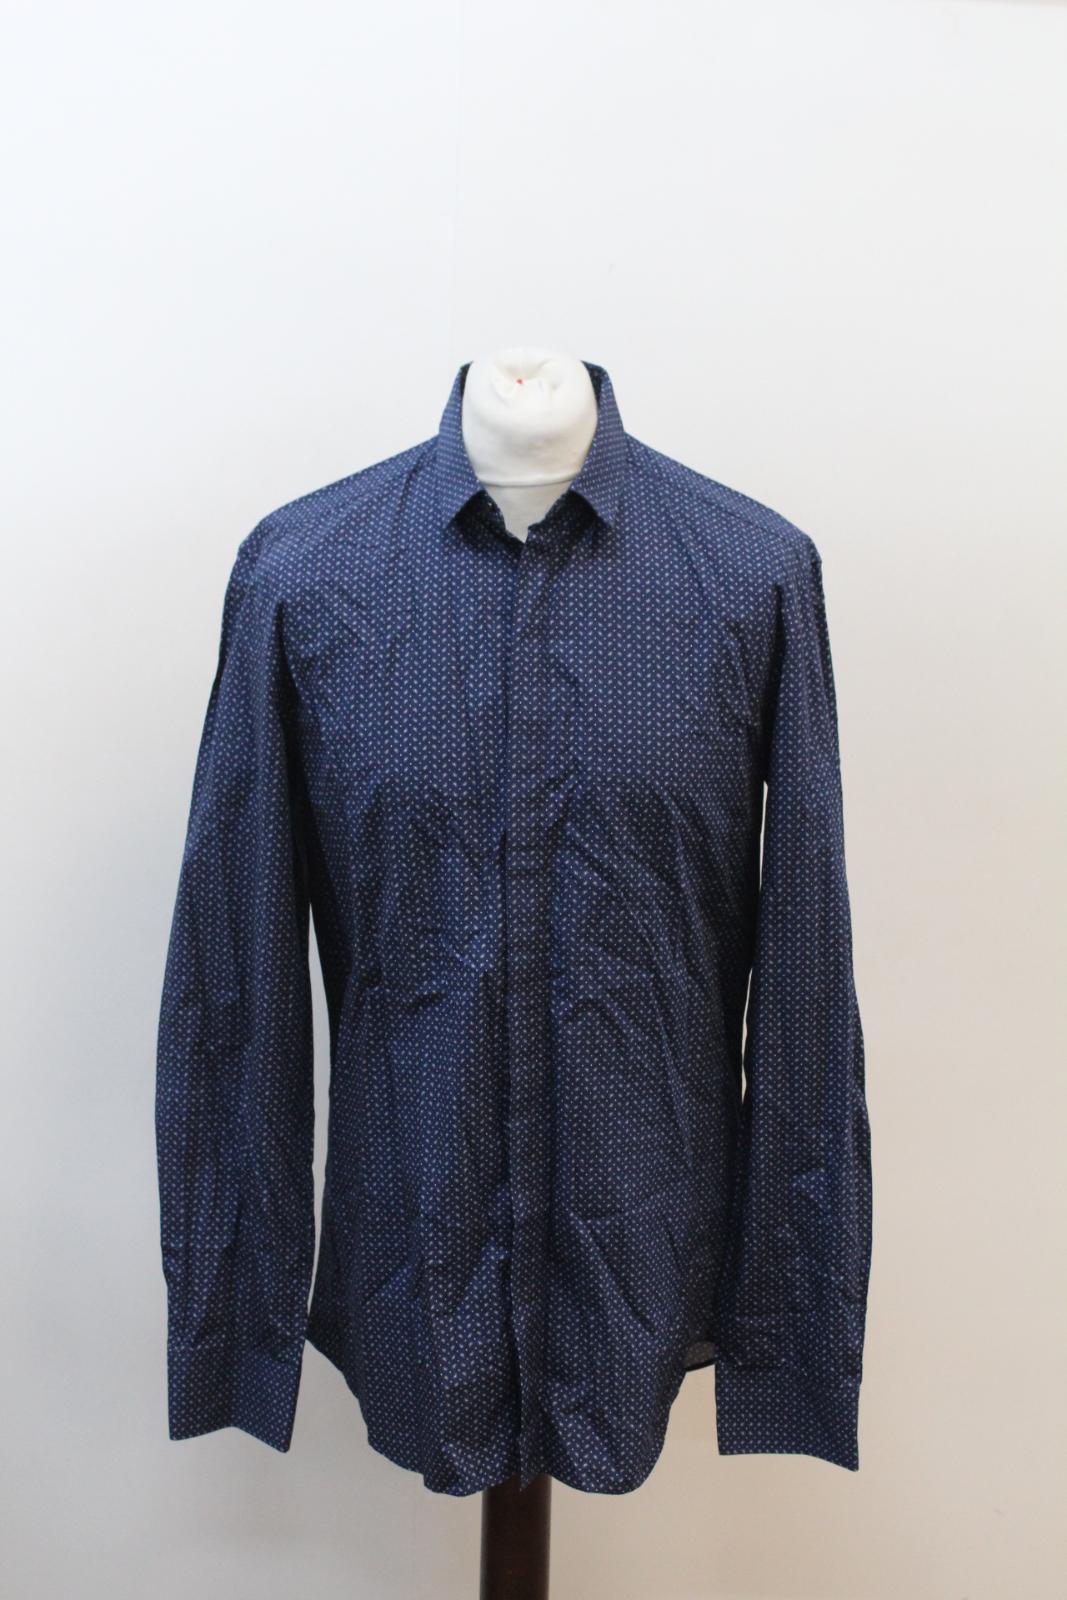 NEIL-BARRETT-Men-039-s-Navy-Blue-Paisley-Slim-Fit-Formal-Shirt-Collar-16-5-034-42cm miniatura 7